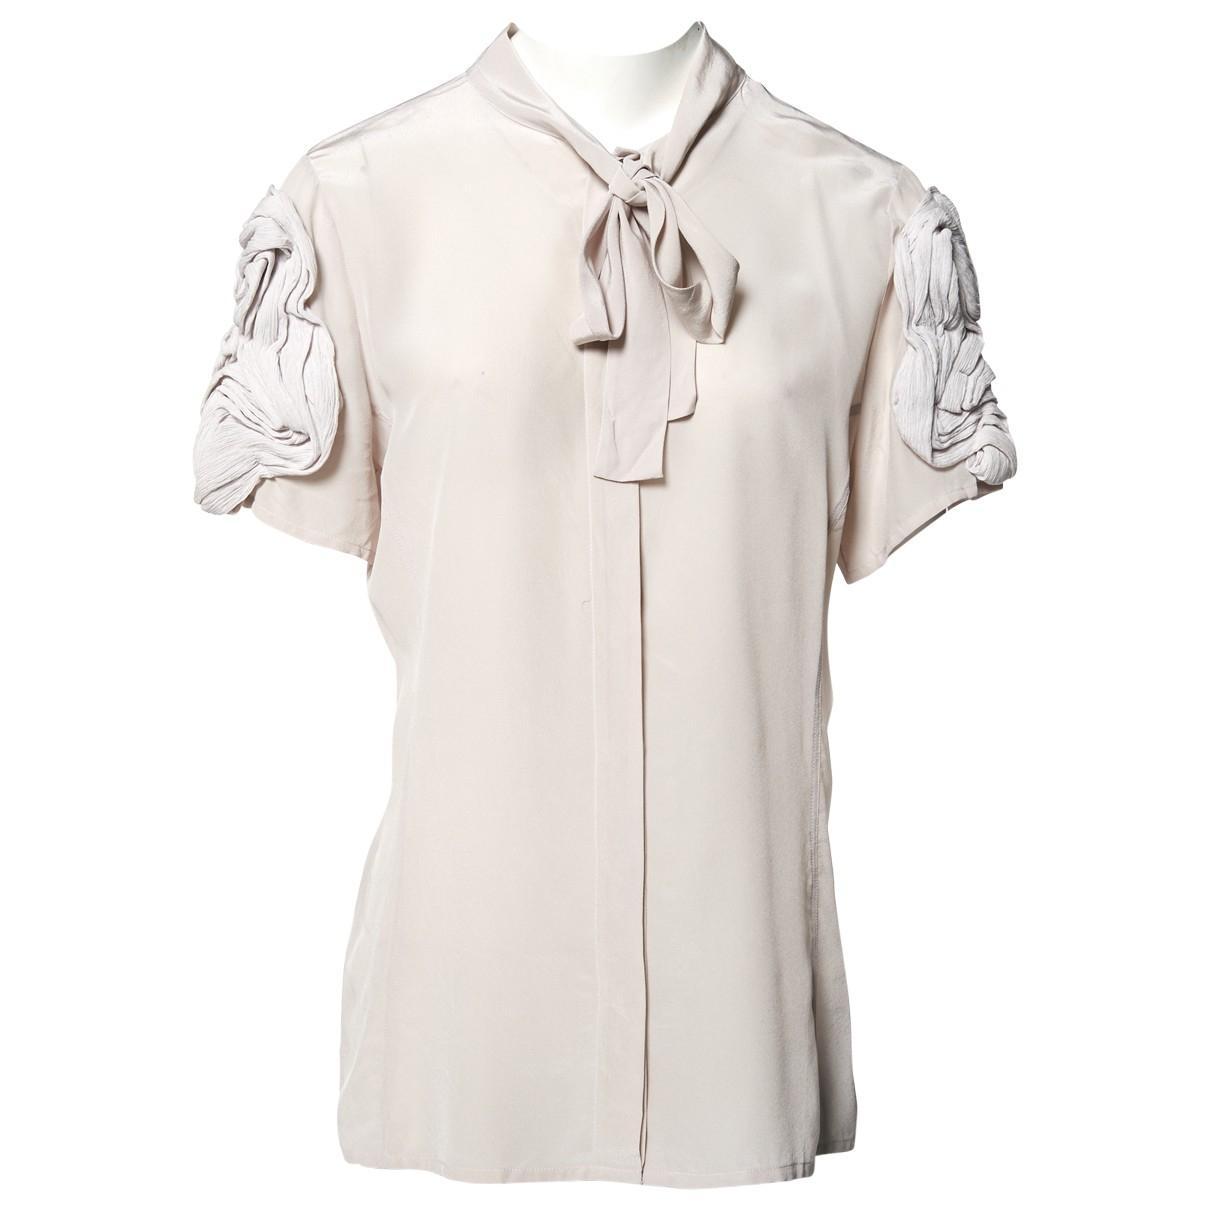 3a423b425fb8b Fendi Silk Shirt in Gray - Lyst